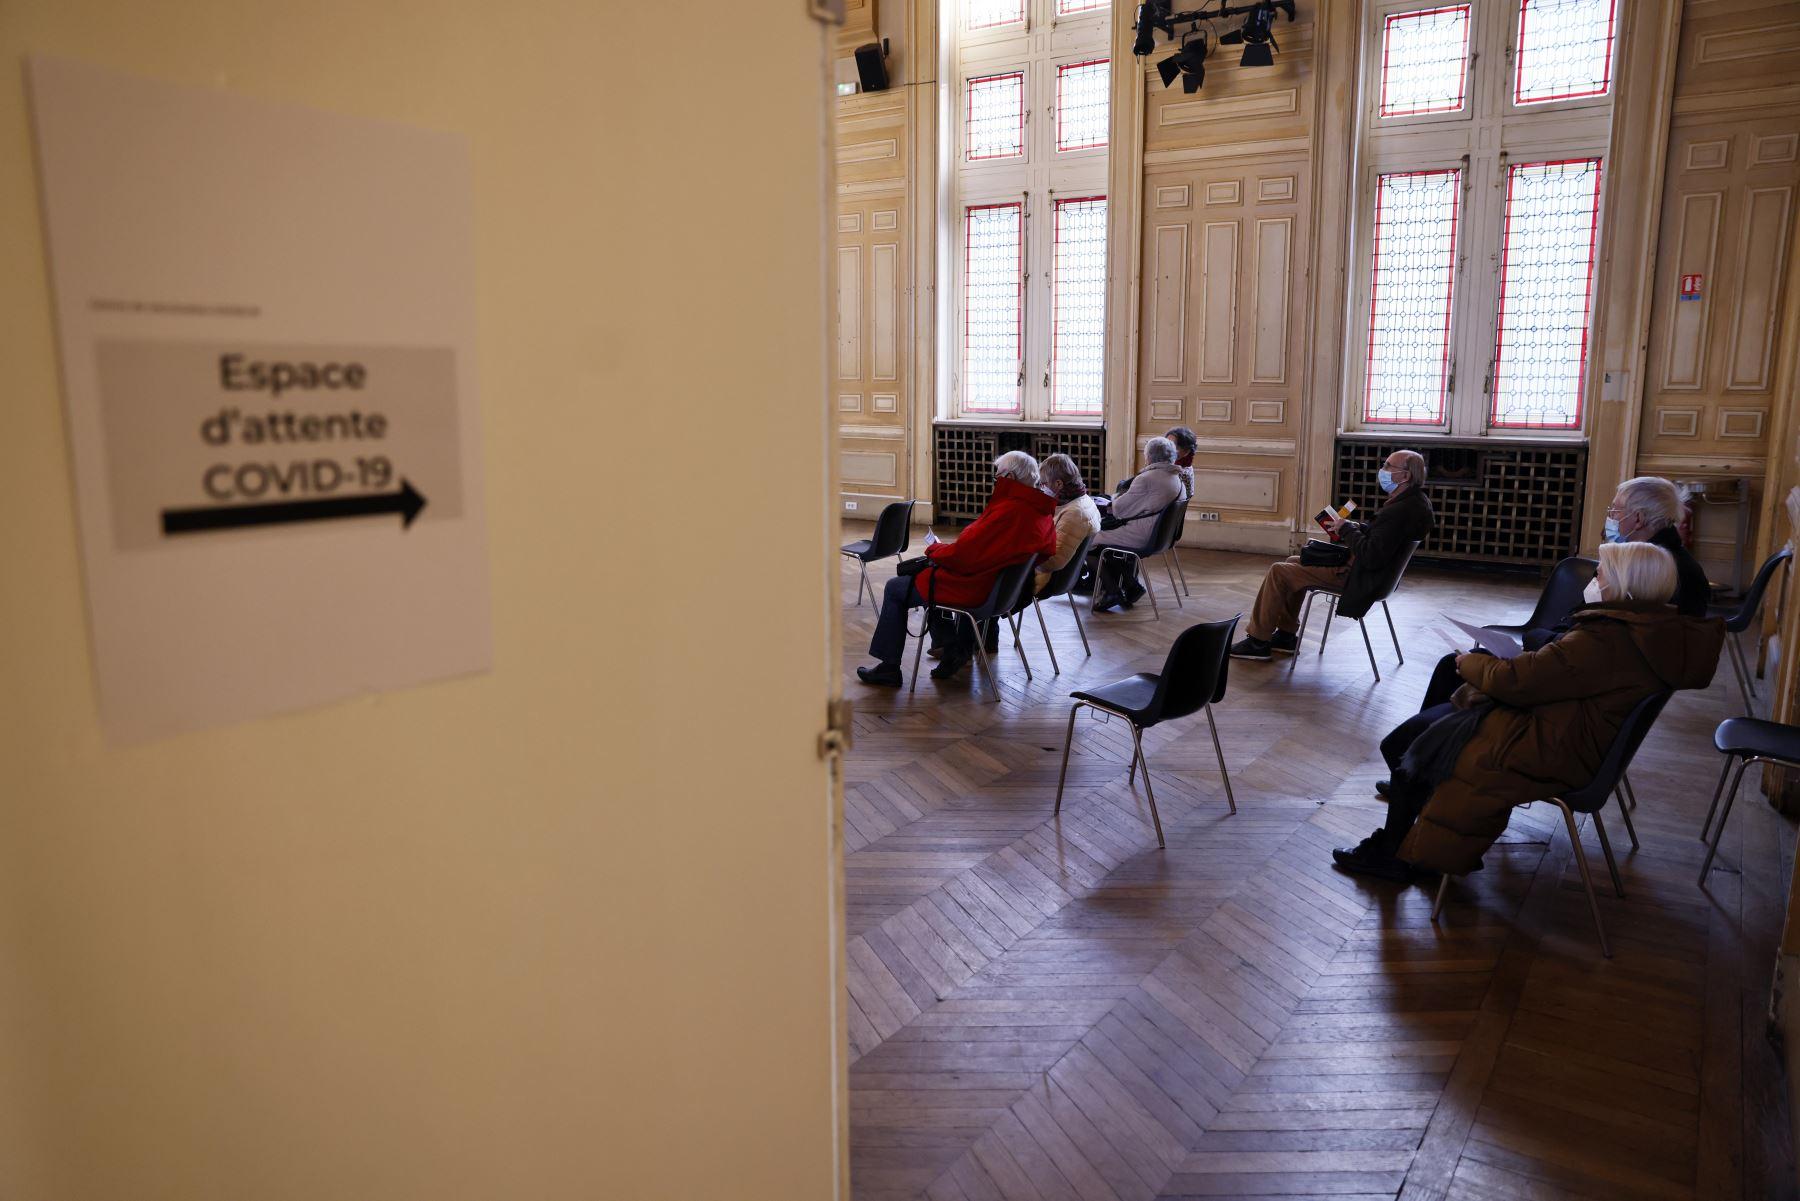 Los ancianos esperan recibir una inyección de la vacuna covid-19 en el ayuntamiento del distrito 13 de París, en medio de la crisis vinculada a la pandemia covid-19.   Foto: AFP